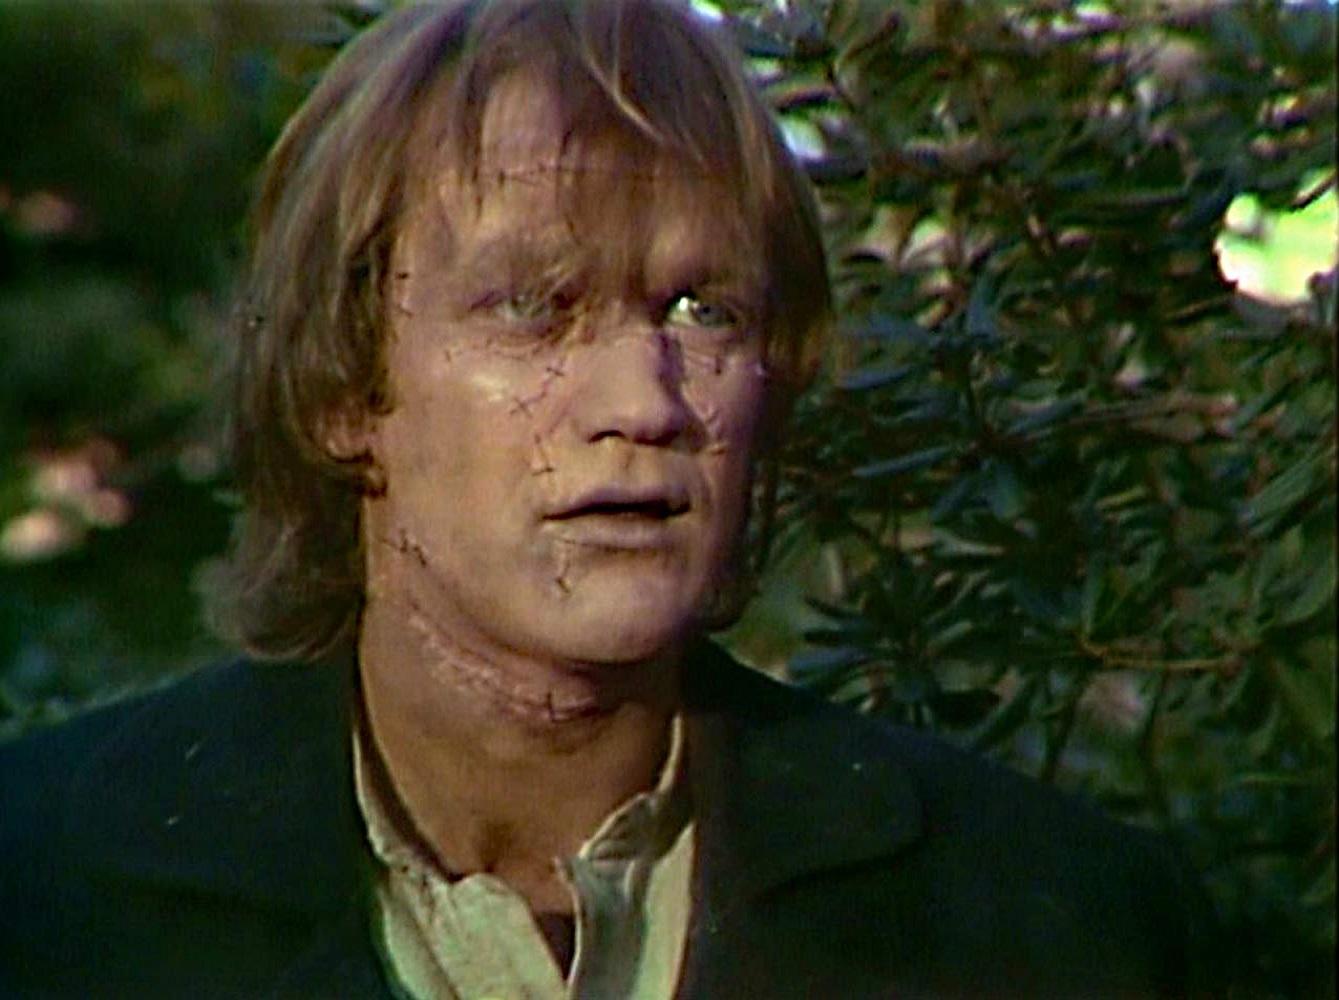 Bo Svenson as the Frankenstein monster in Frankenstein (1973)